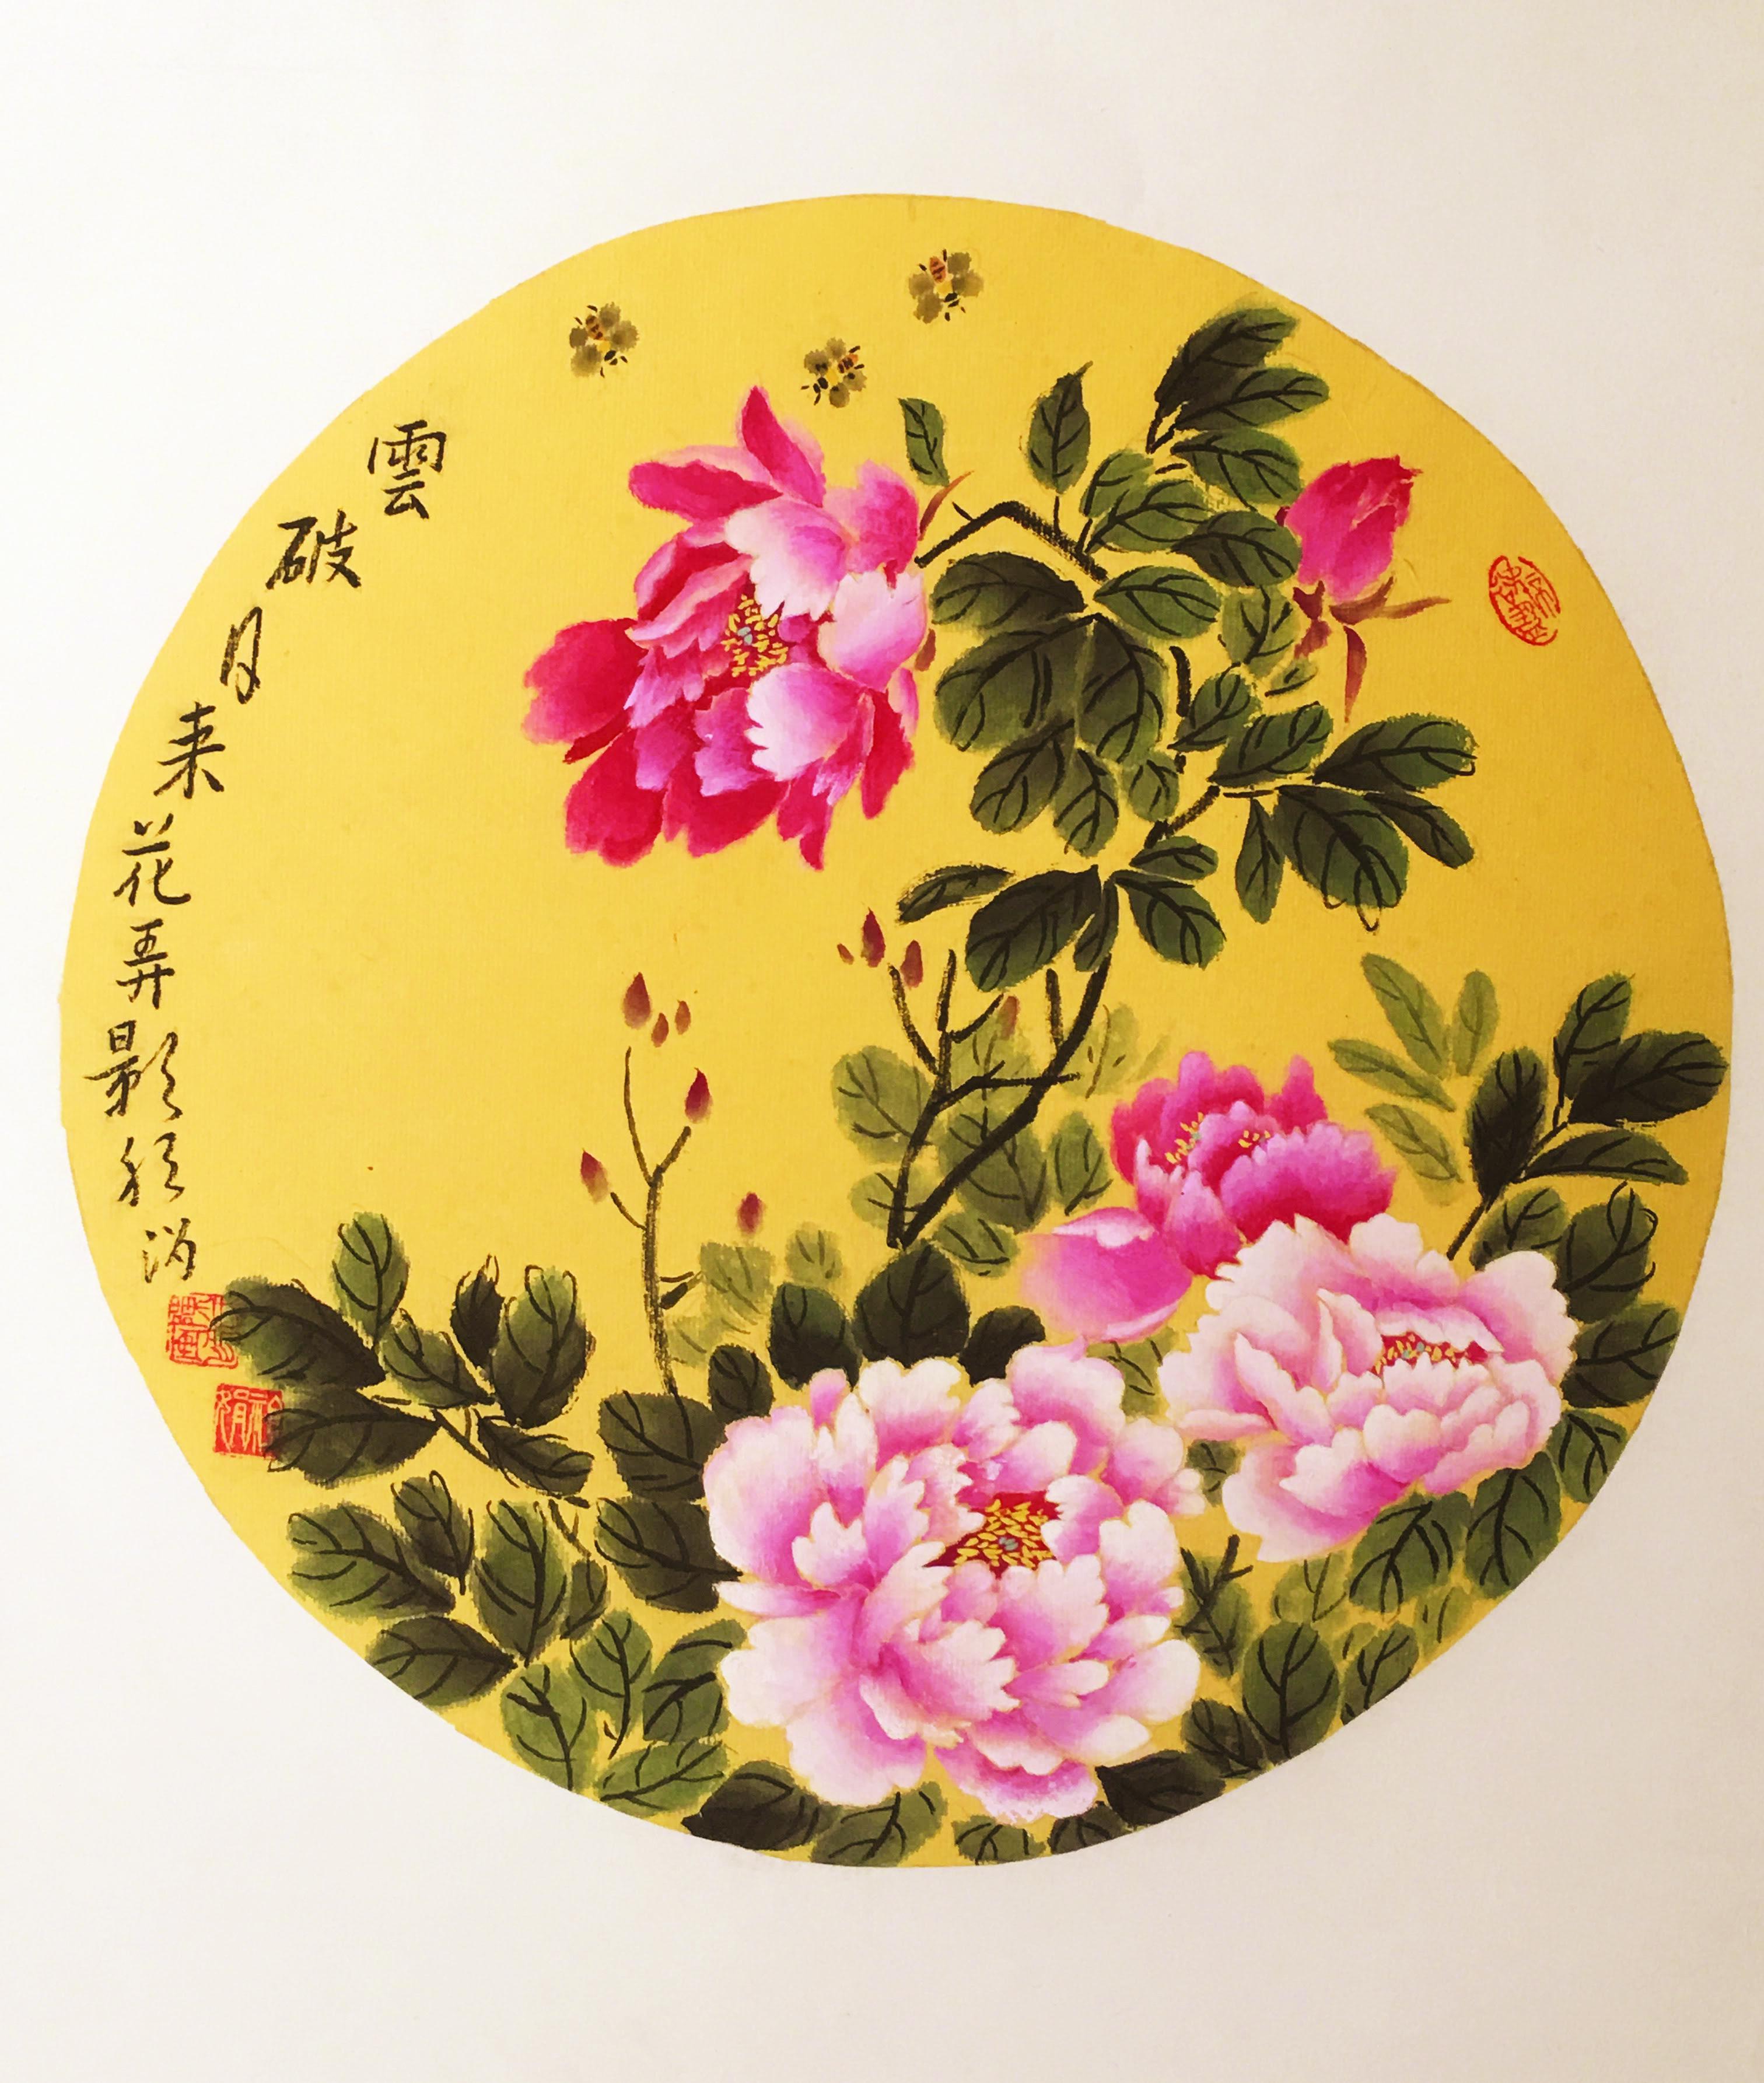 陈祖娟诗画专栏——趣写花、茶、诗、画 一七令 《画》